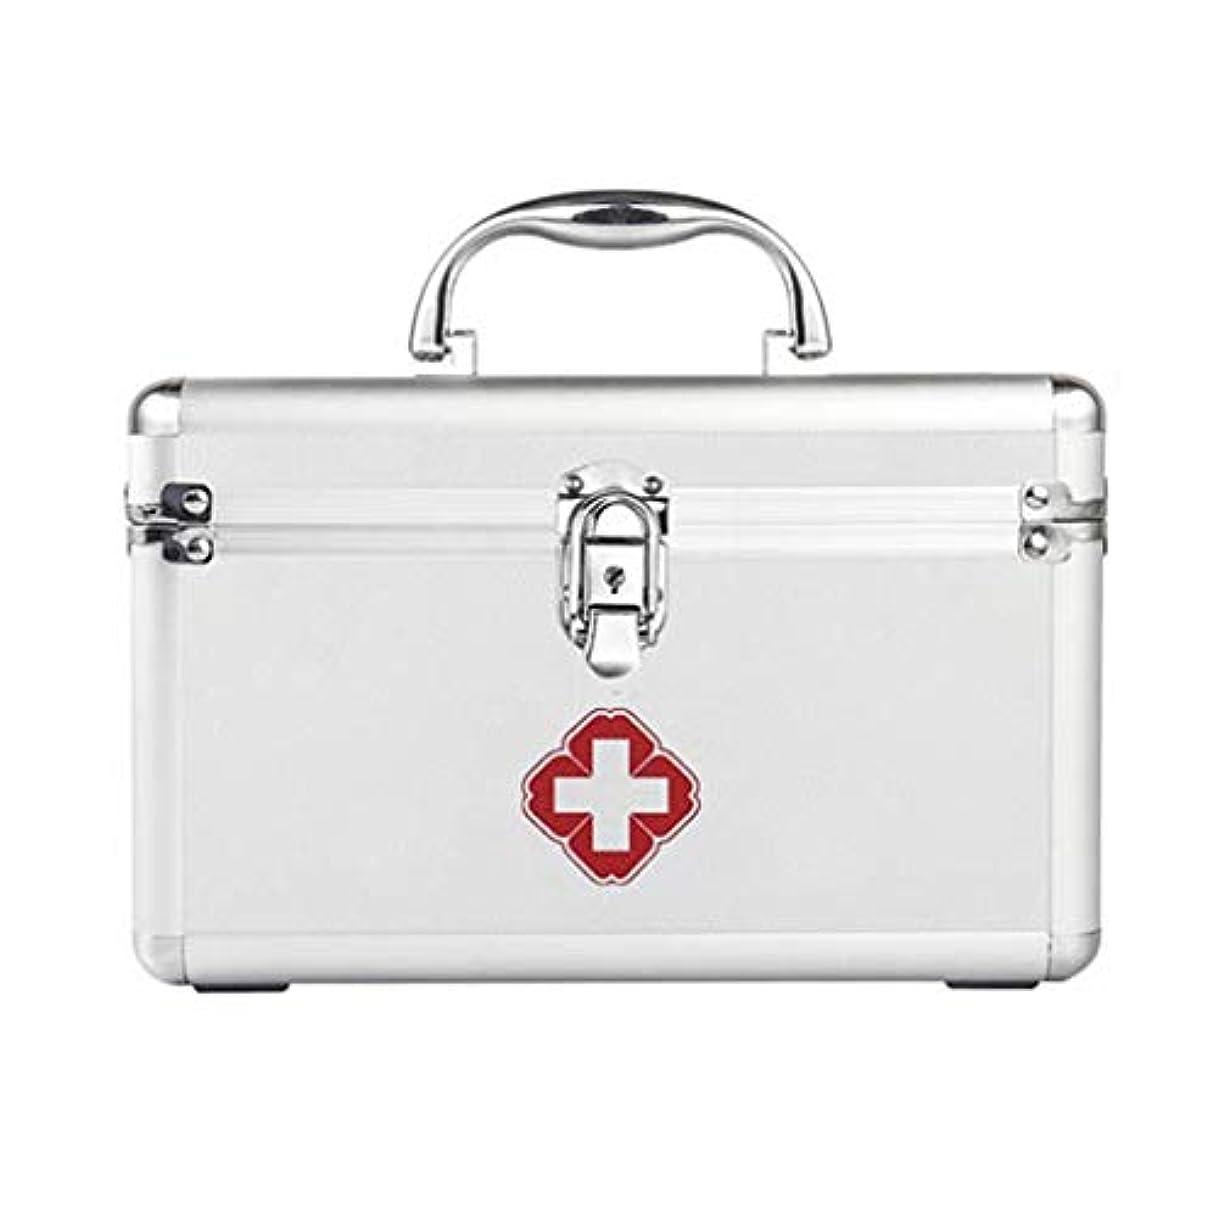 騒ぎ告白する組立YANGBM 薬箱、家族の薬箱は、救急箱の貯蔵の携帯用アルミ合金の薬箱であるべきです (Size : 24.5cm×15cm×16cm)